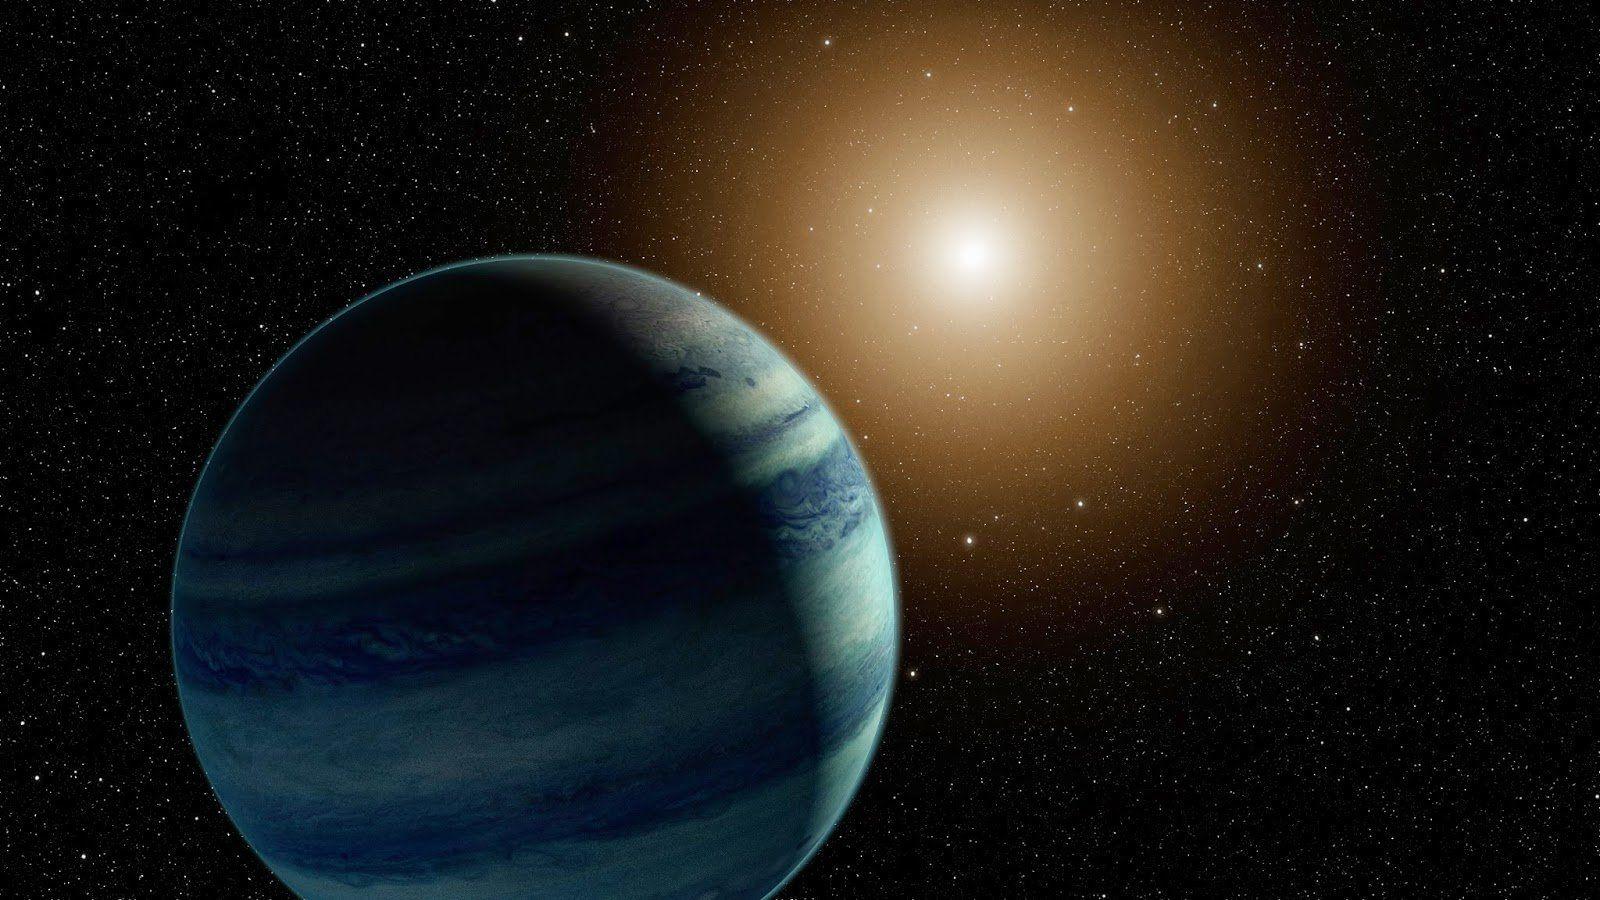 Ученые рассказали, накаких планетах вкосмосе может жить жизнь